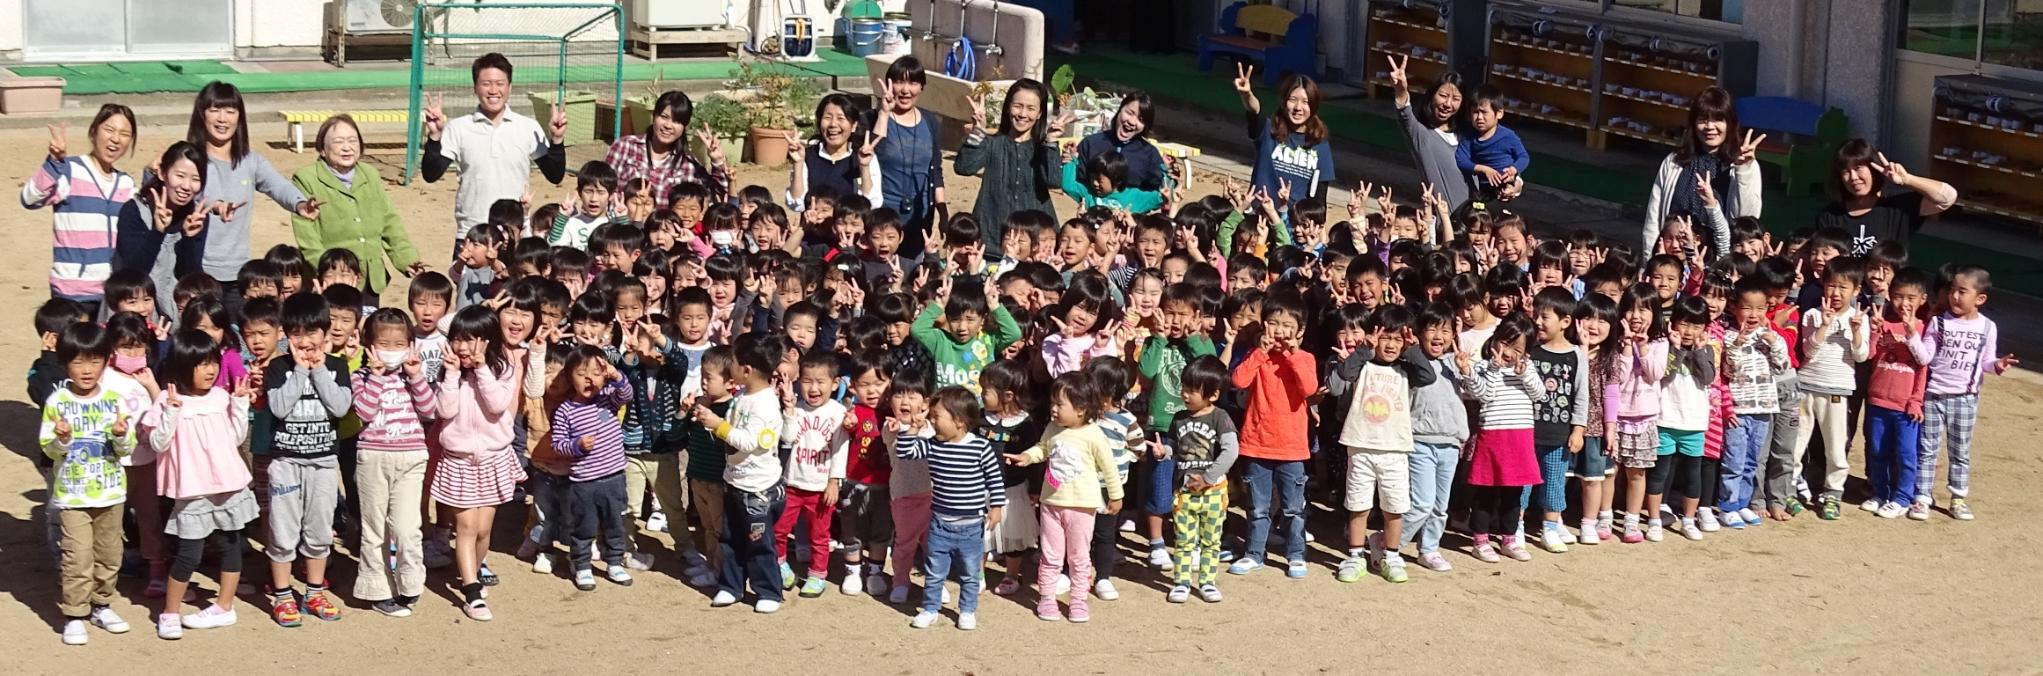 石川県幼稚園一覧